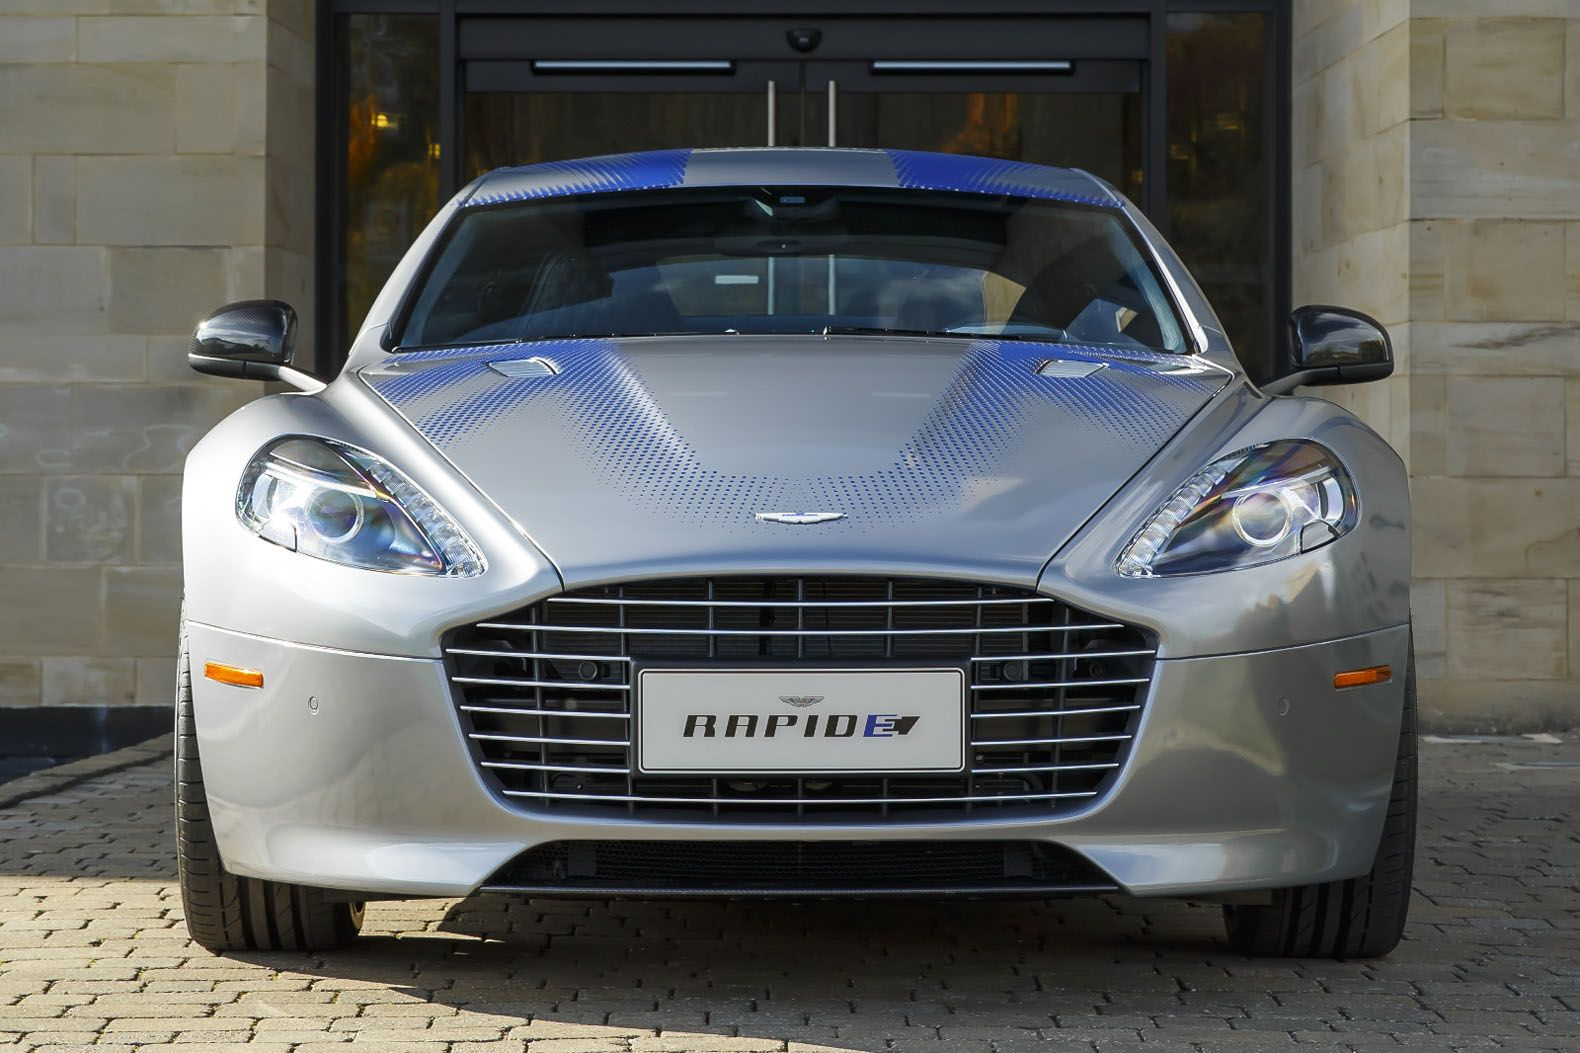 Aston Martin Rapide Electric Concept Previews The Automaker S 800 Hp Electric Sedan Aston Martin Rapide Aston Martin Aston